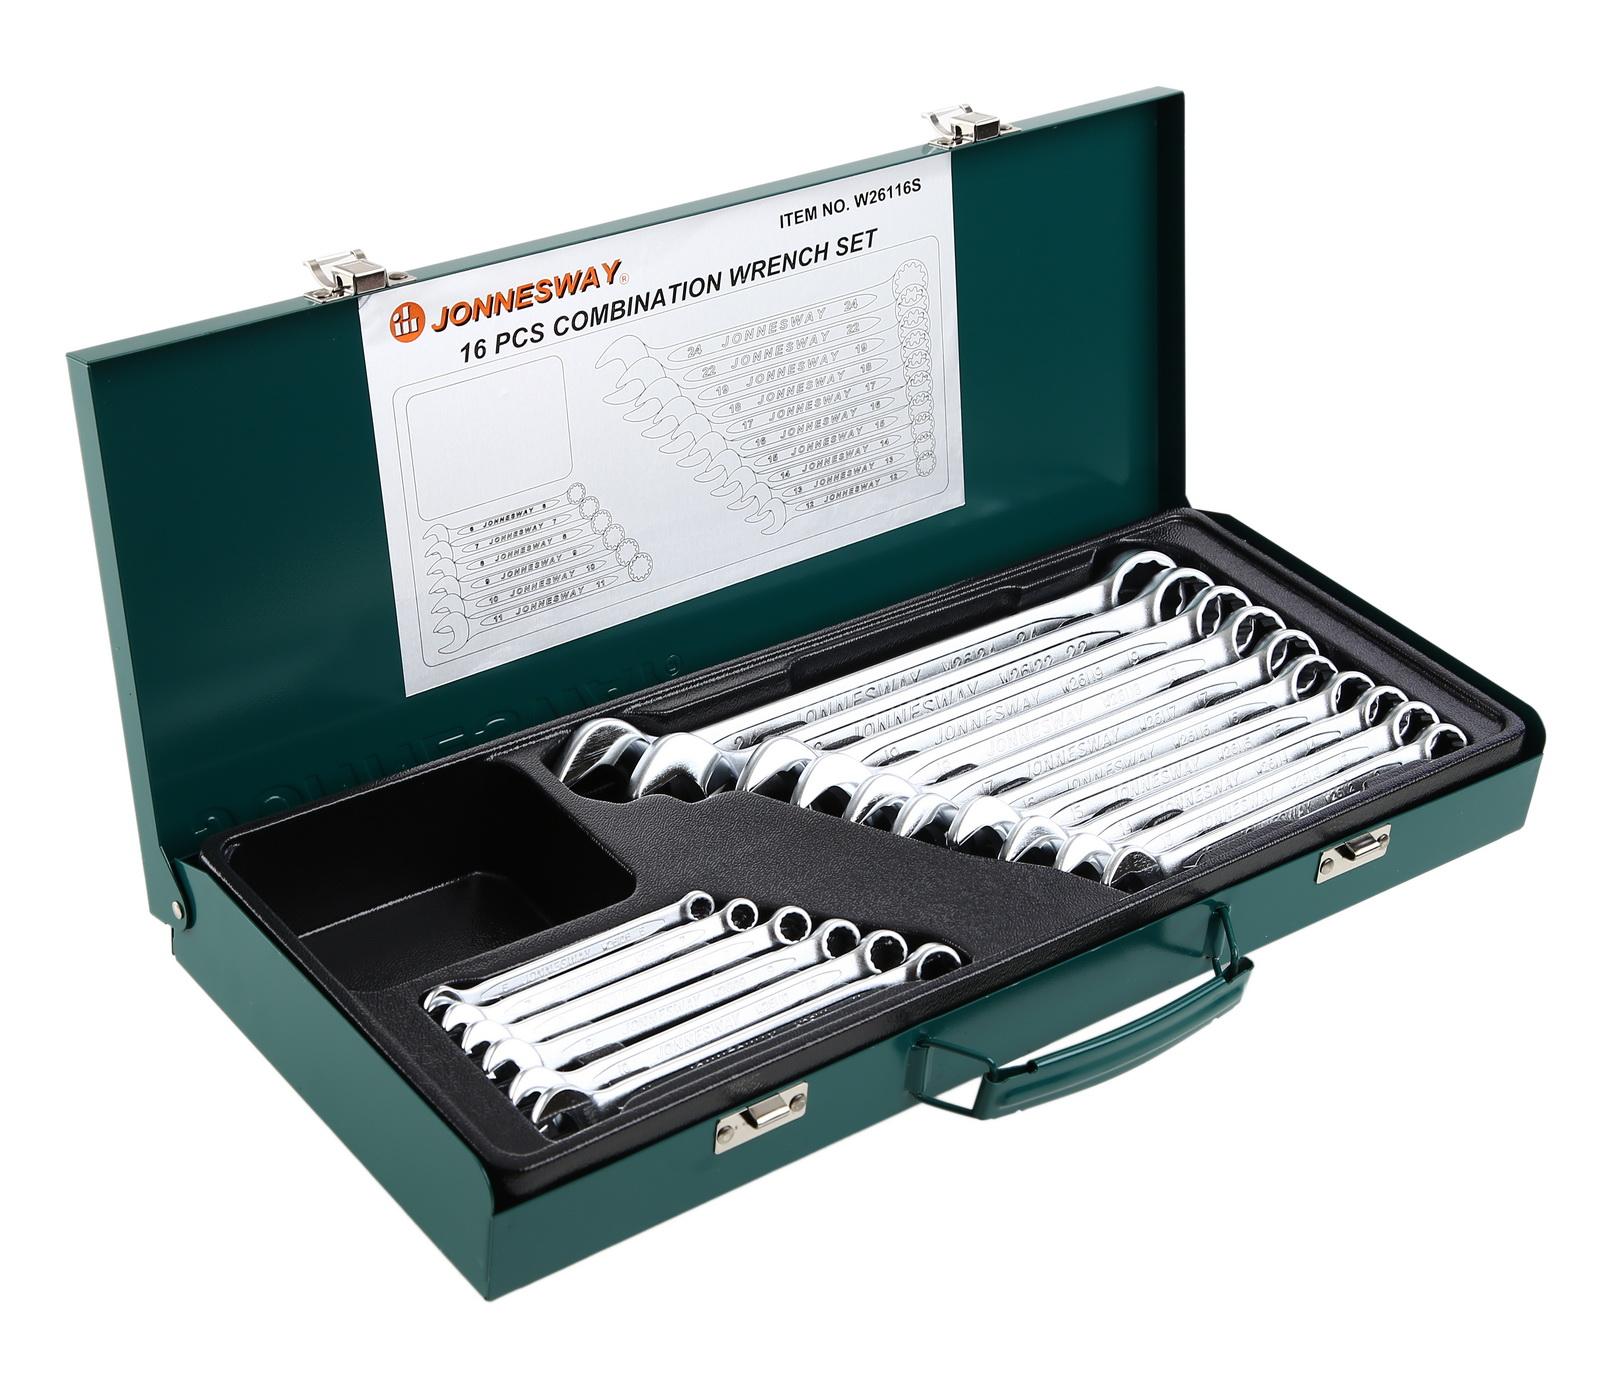 Набор гаечных ключей, 16 шт. Jonnesway W26116s (6 - 24 мм) набор для регулировки фаз грм дизельных двигателей renault nissan dci jonnesway al010183